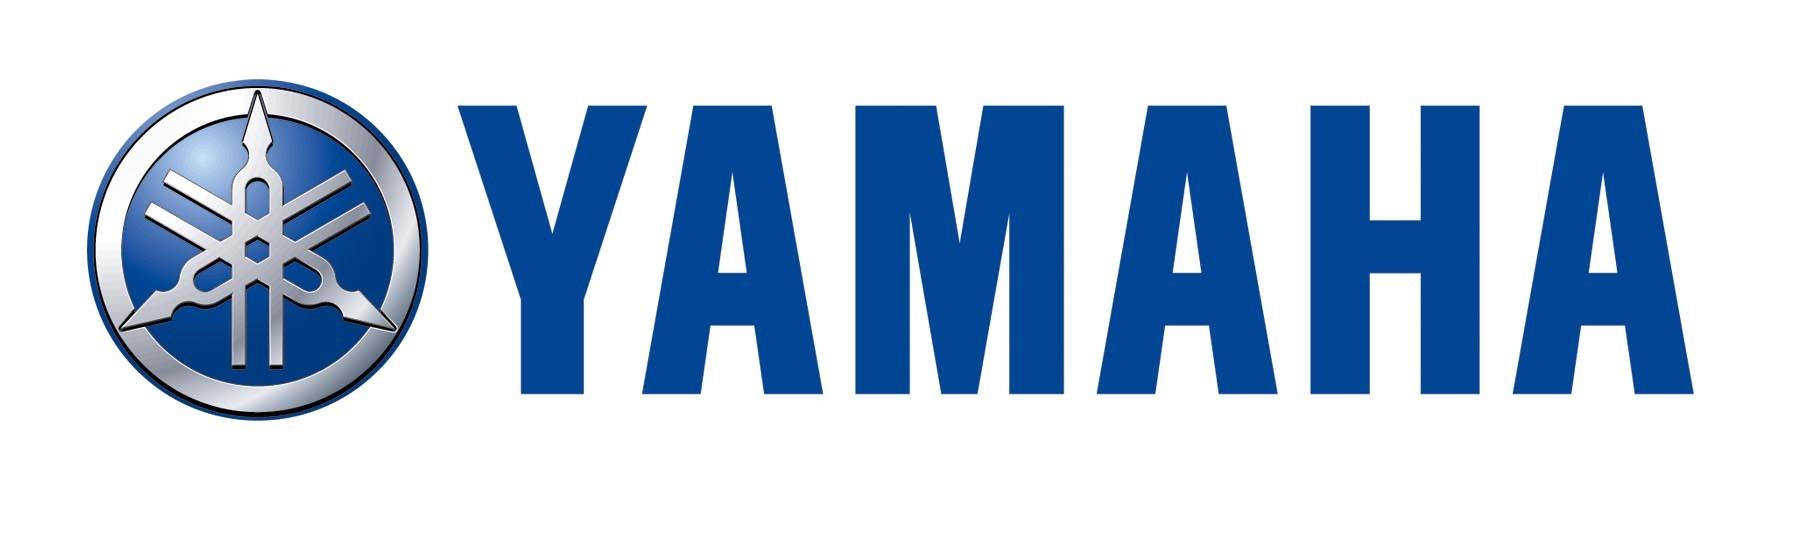 1801x543 Yamaha Tools